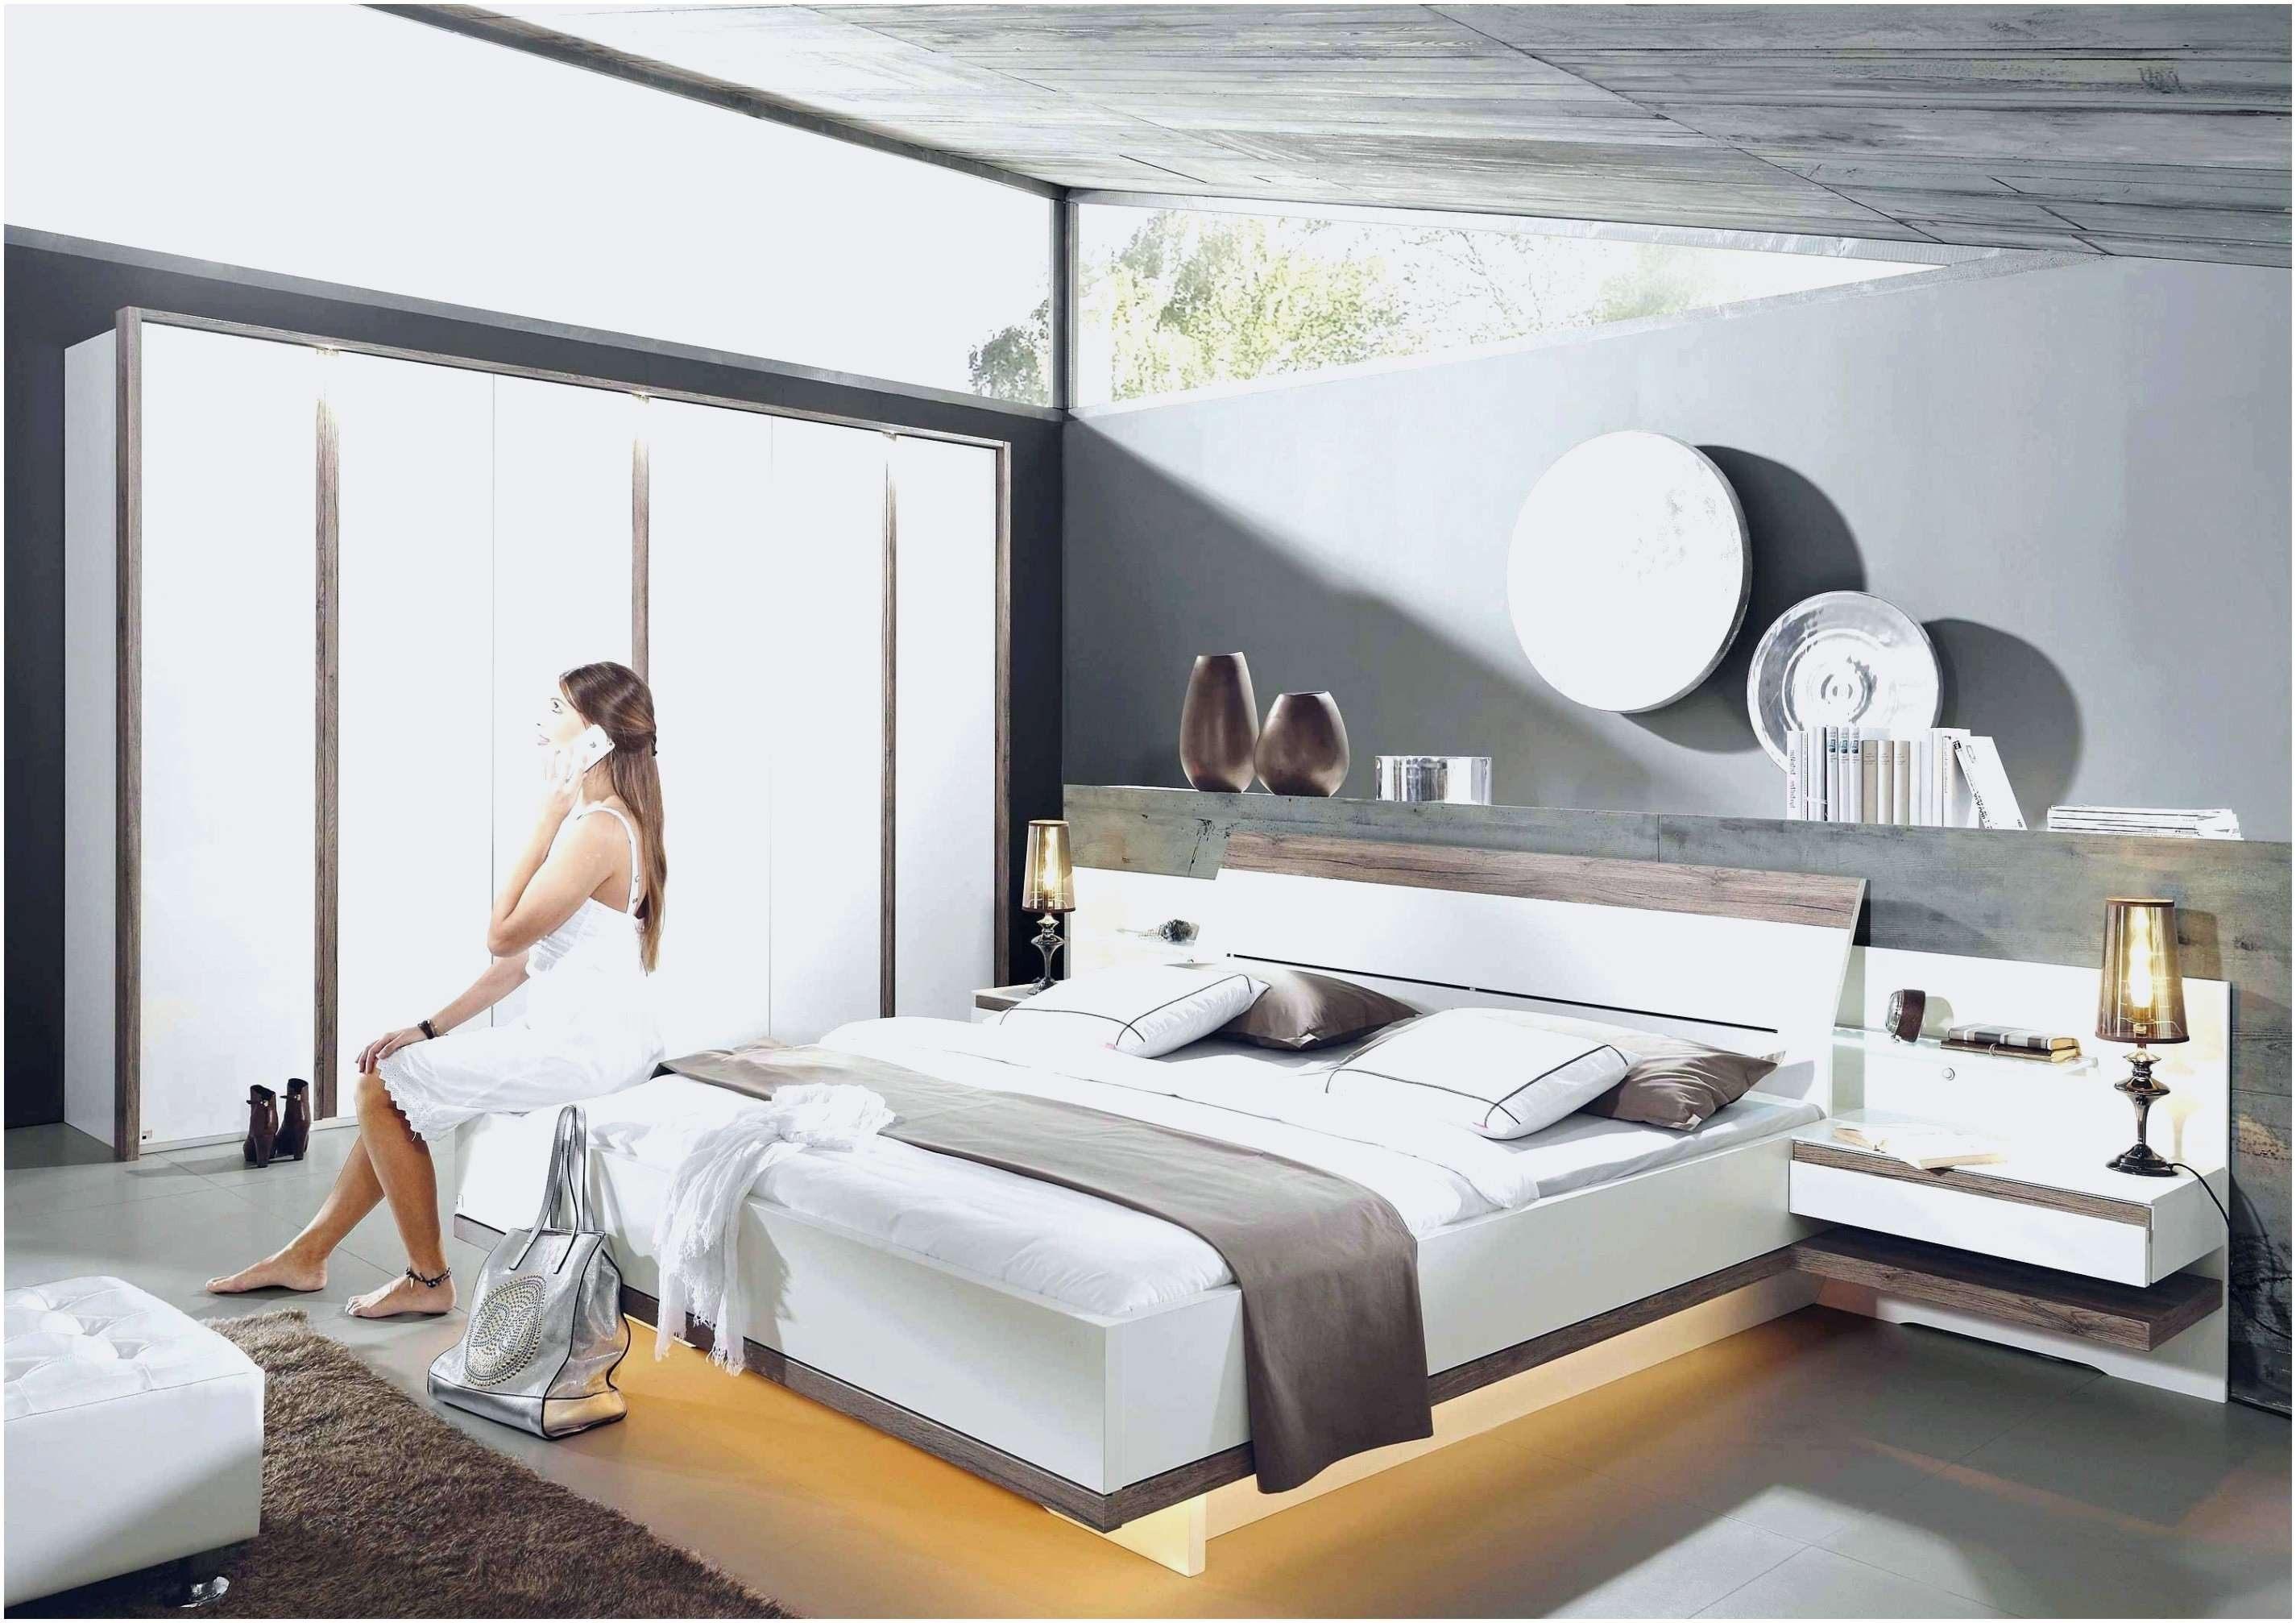 Lit Mezzanine Adulte 160×200 Nouveau Lit Mezzanine Adulte 160×200 Inspiré Nouveau Structure Lit 160—200